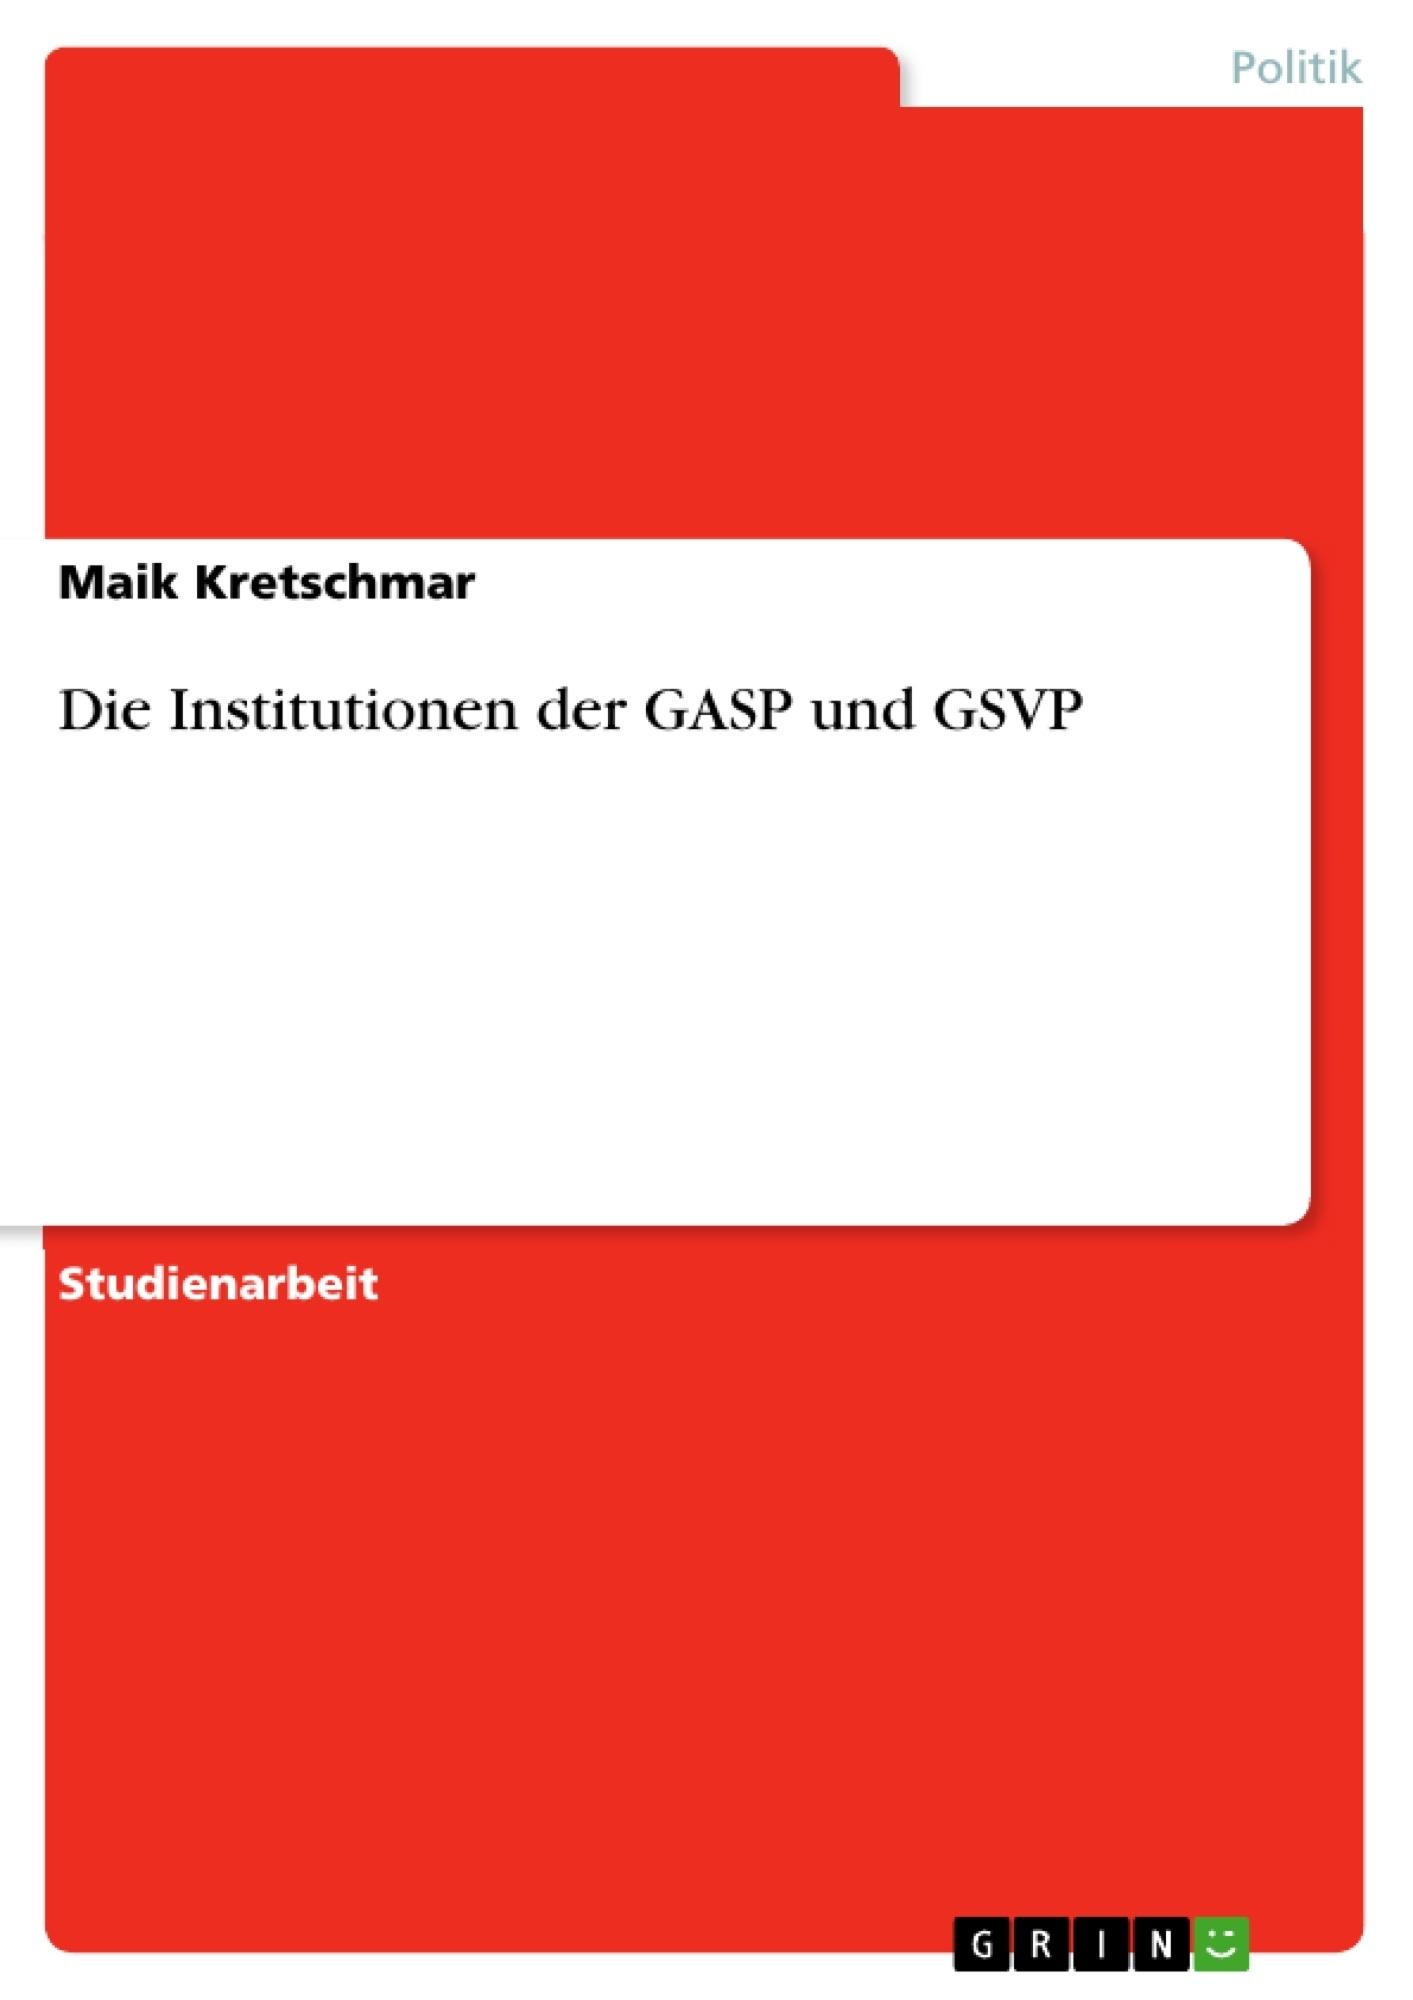 Titel: Die Institutionen der GASP und GSVP